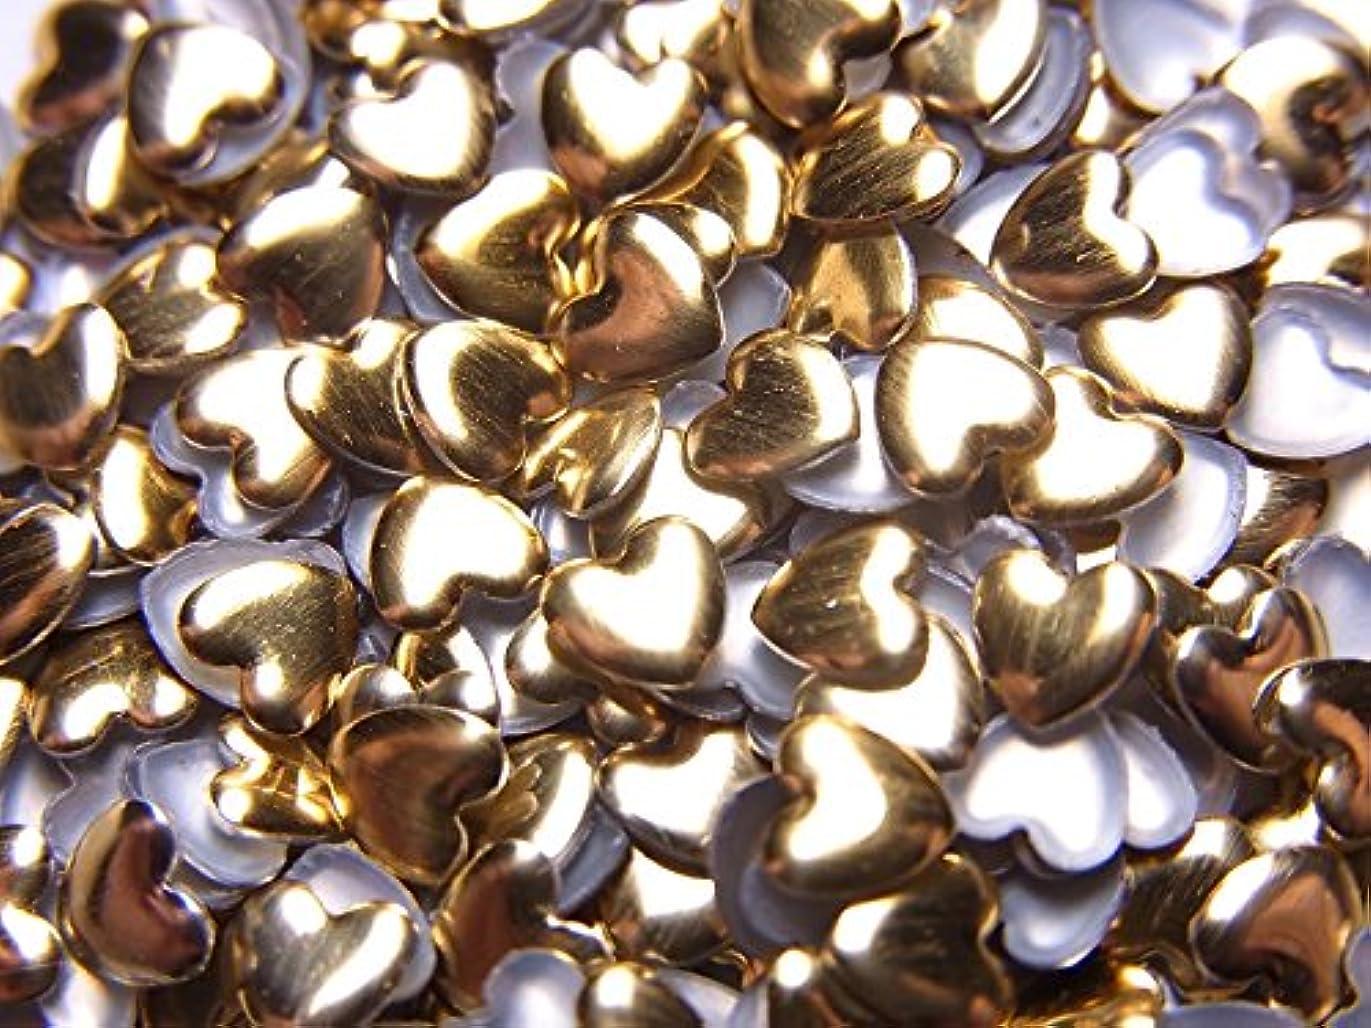 みなさんどこにでも教会【jewel】ハート型 メタルスタッズ 4mm ゴールド 100粒入り